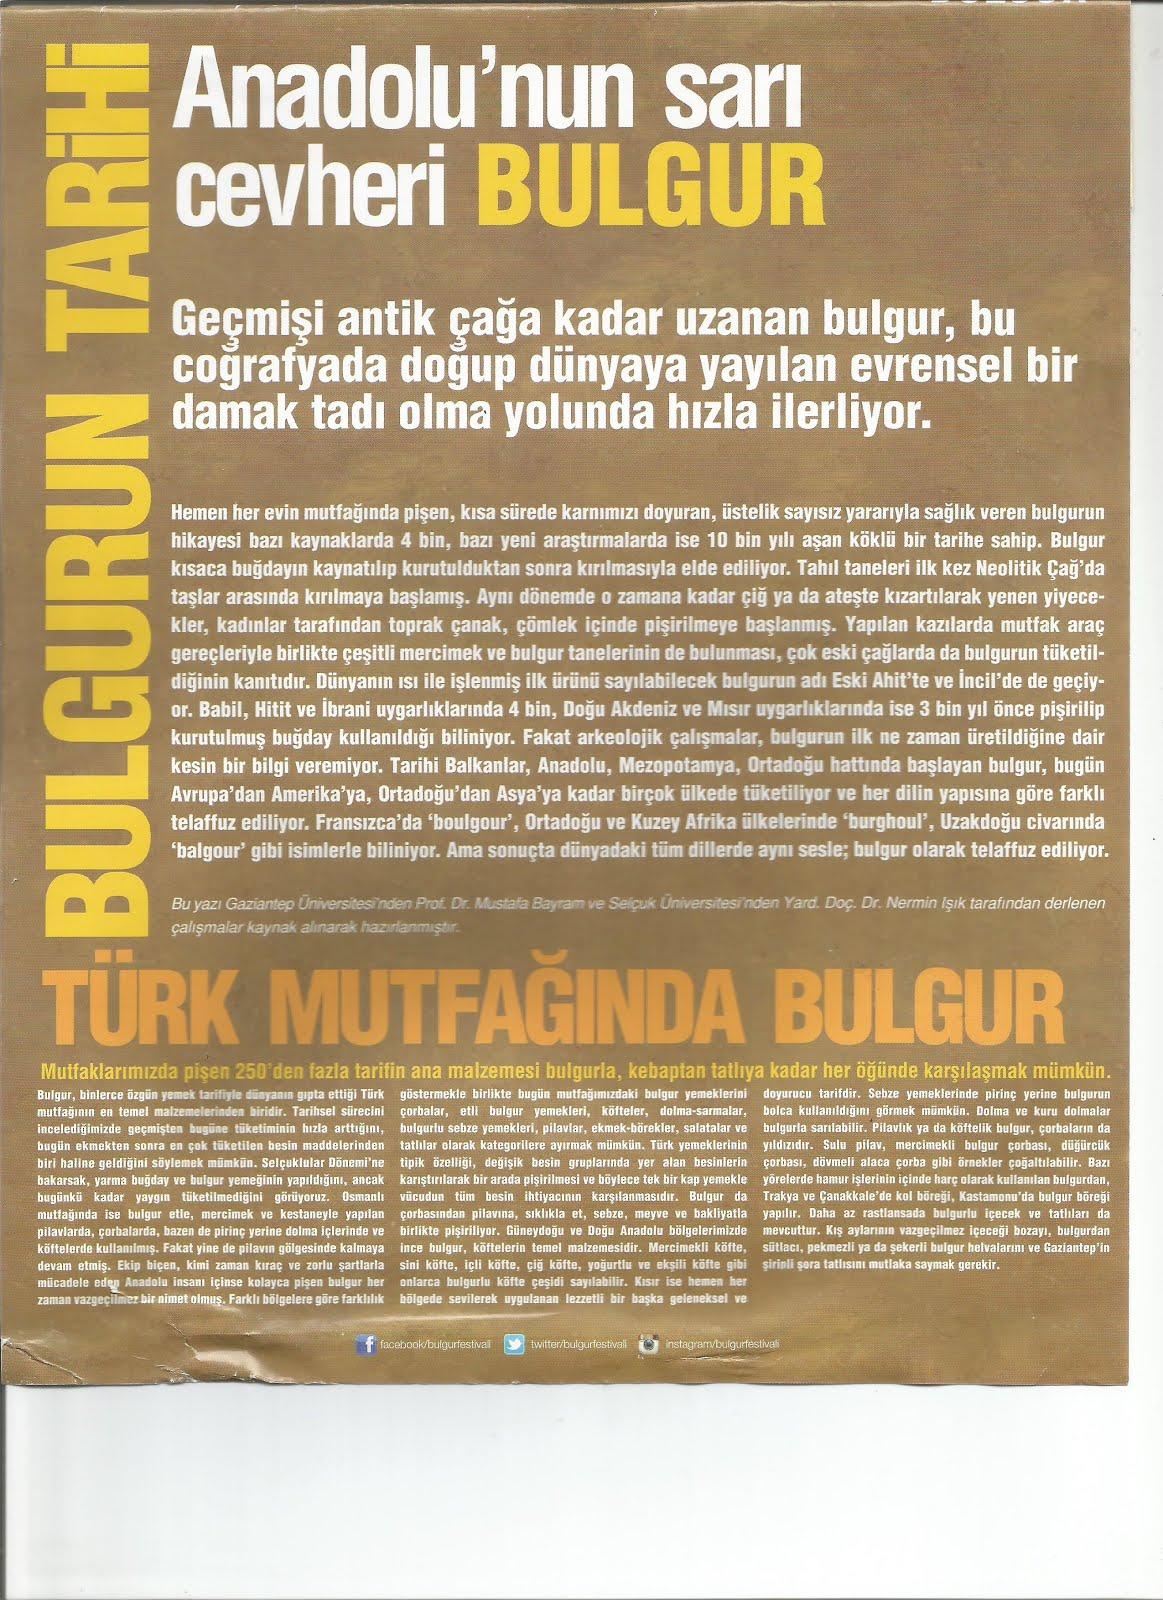 Anadolunun Sarı Cevheri